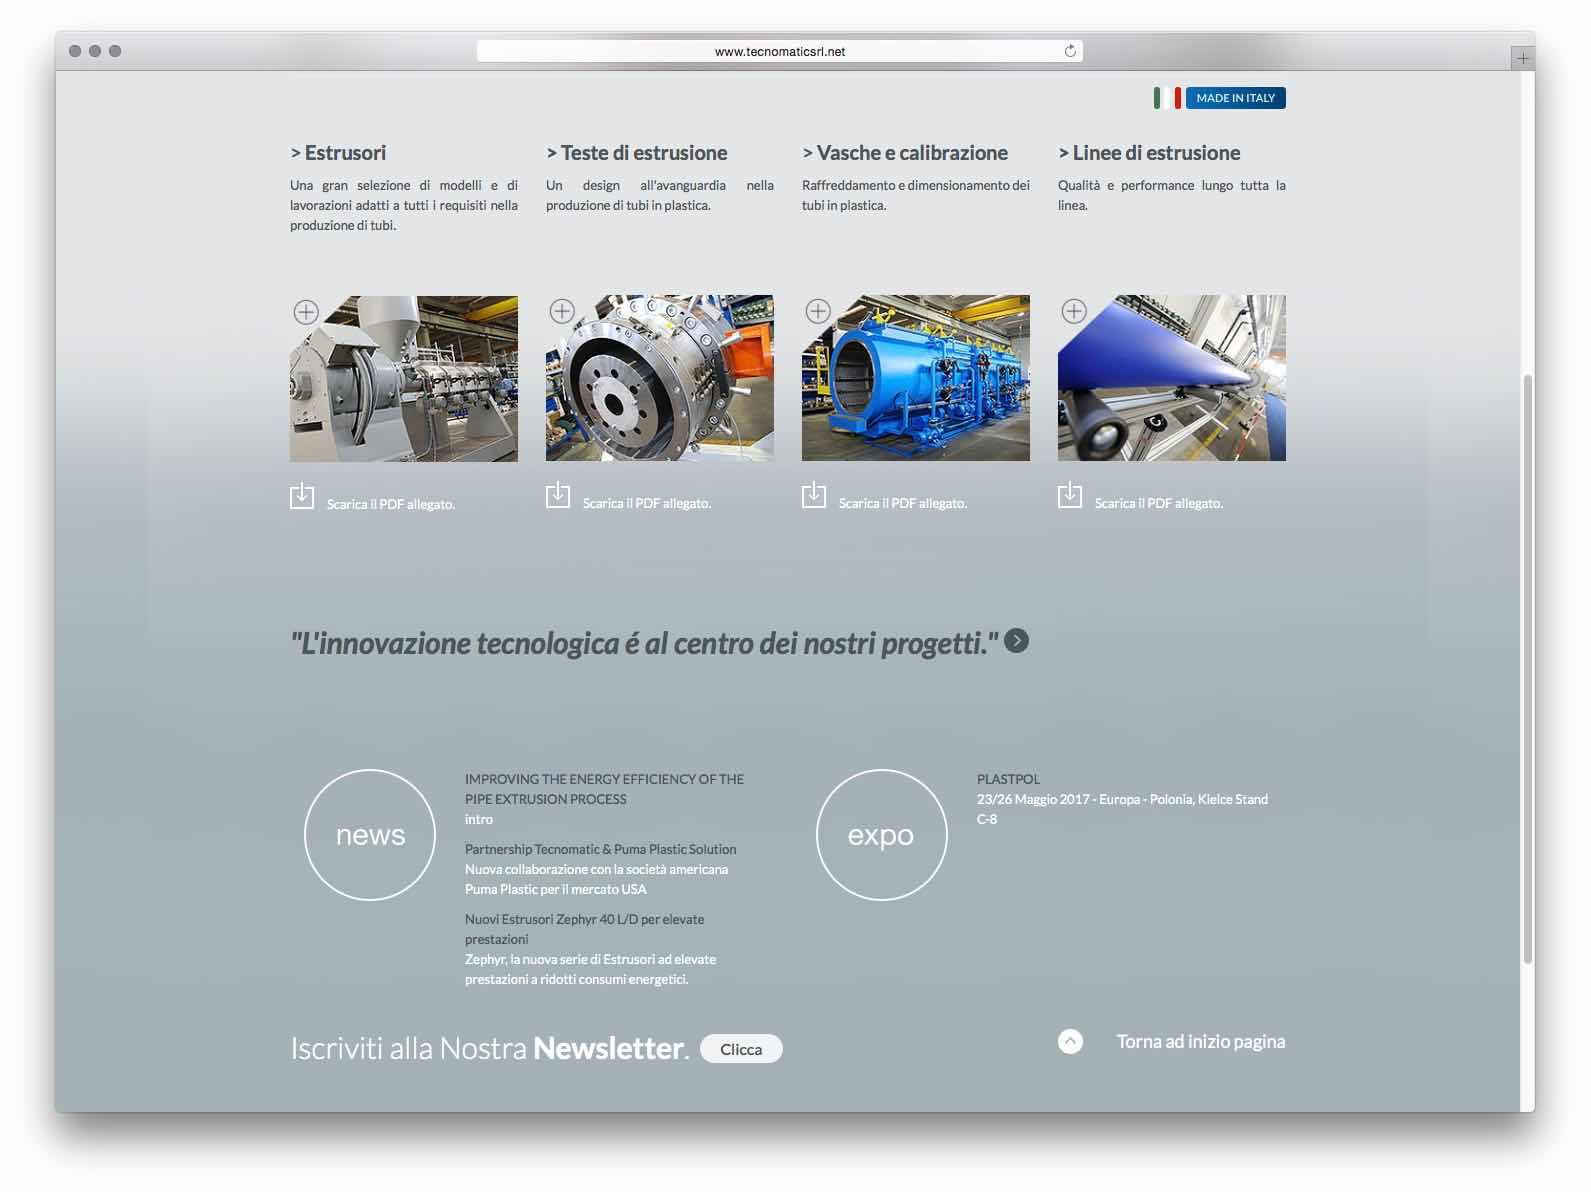 Creazione Siti Web Brescia - Sito Web Tecnomatic